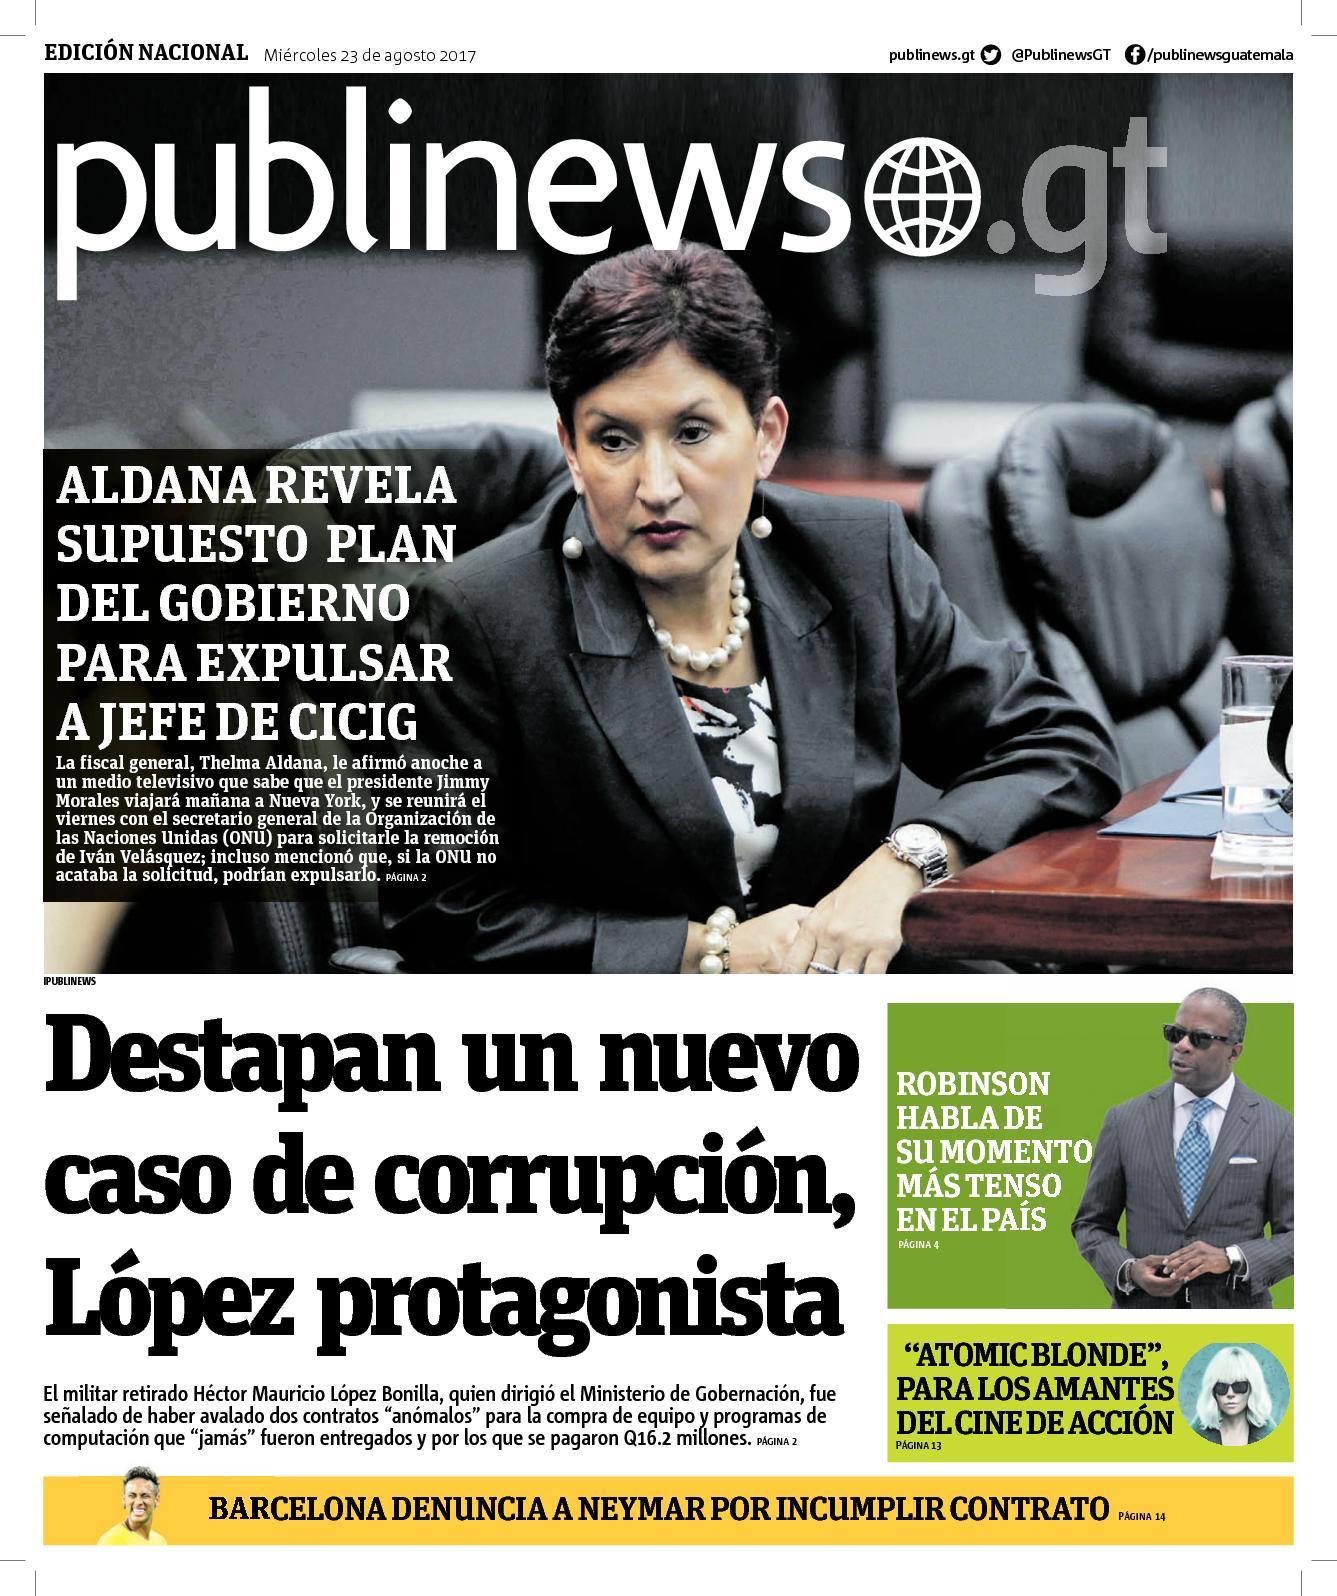 GUATEMALA CITY 23082017